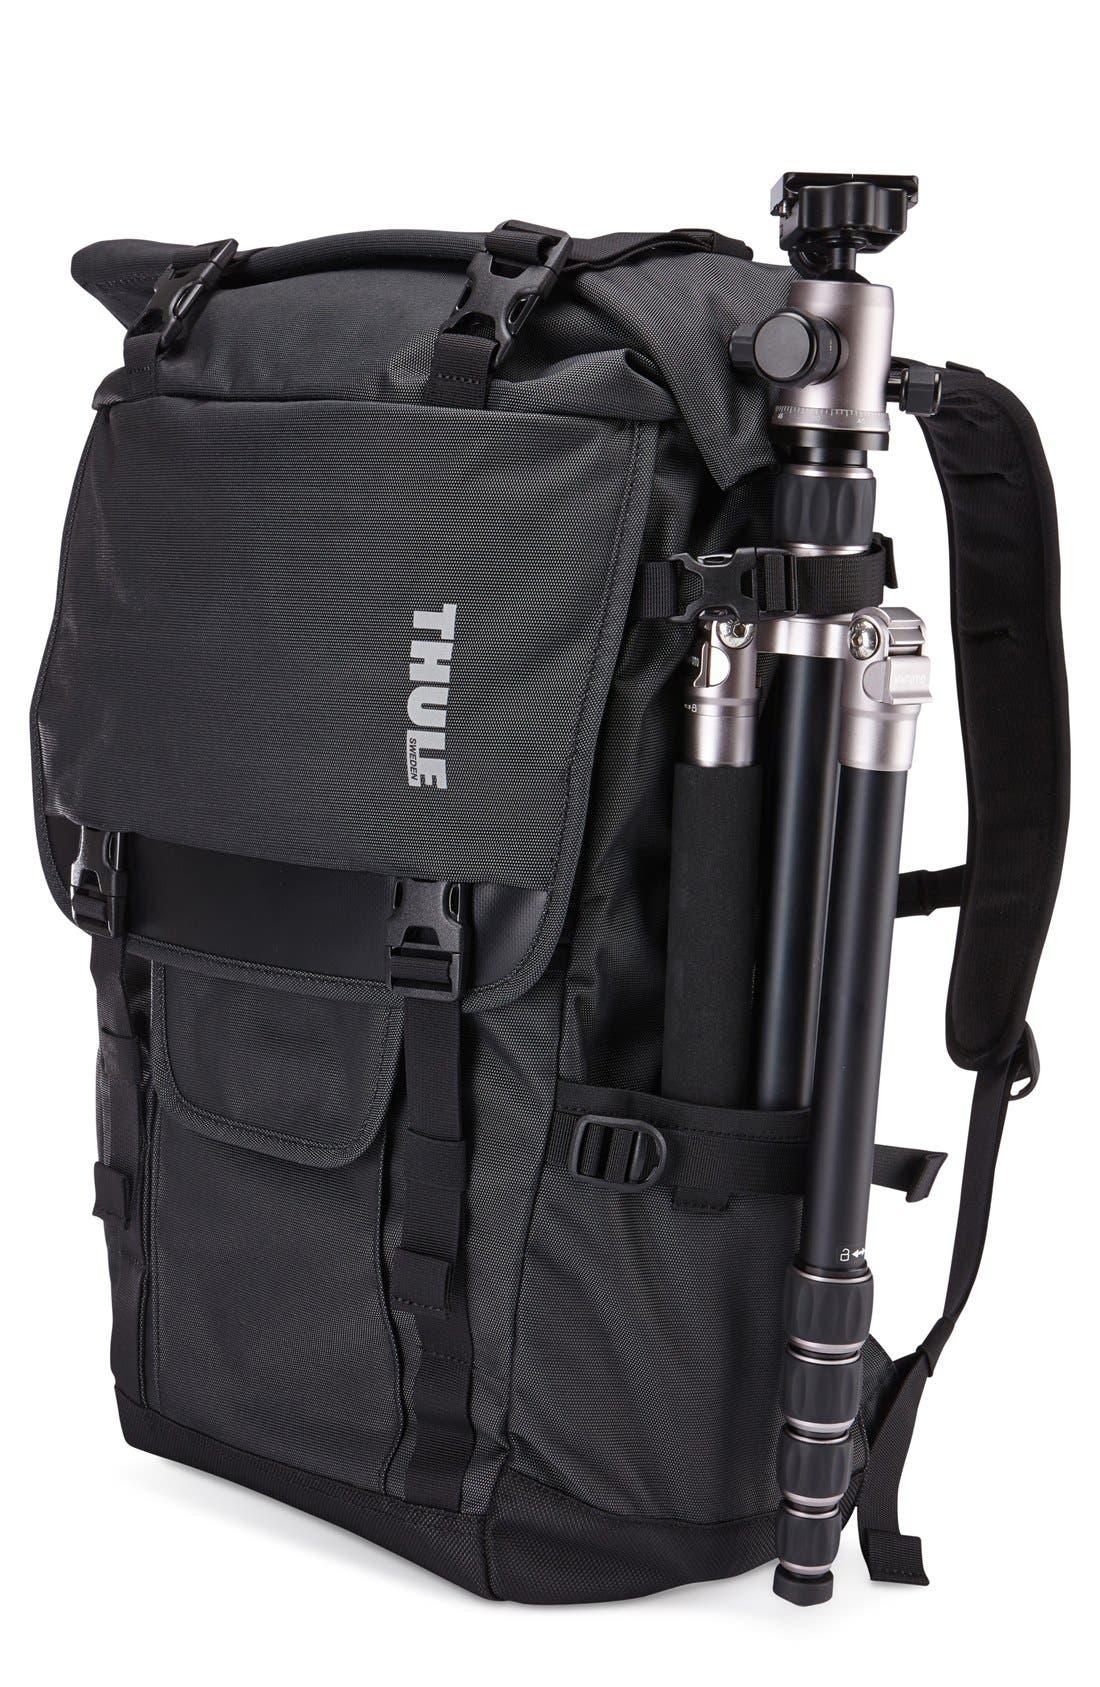 Main Image - Thule Covert DSLR Backpack